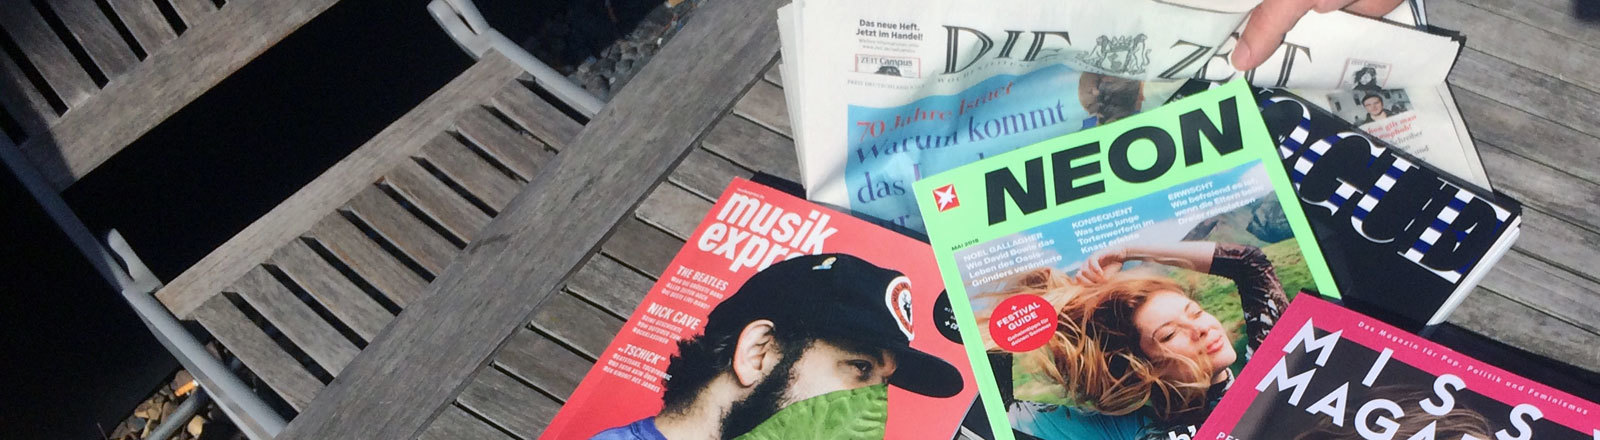 Magazine auf dem WG-Tisch